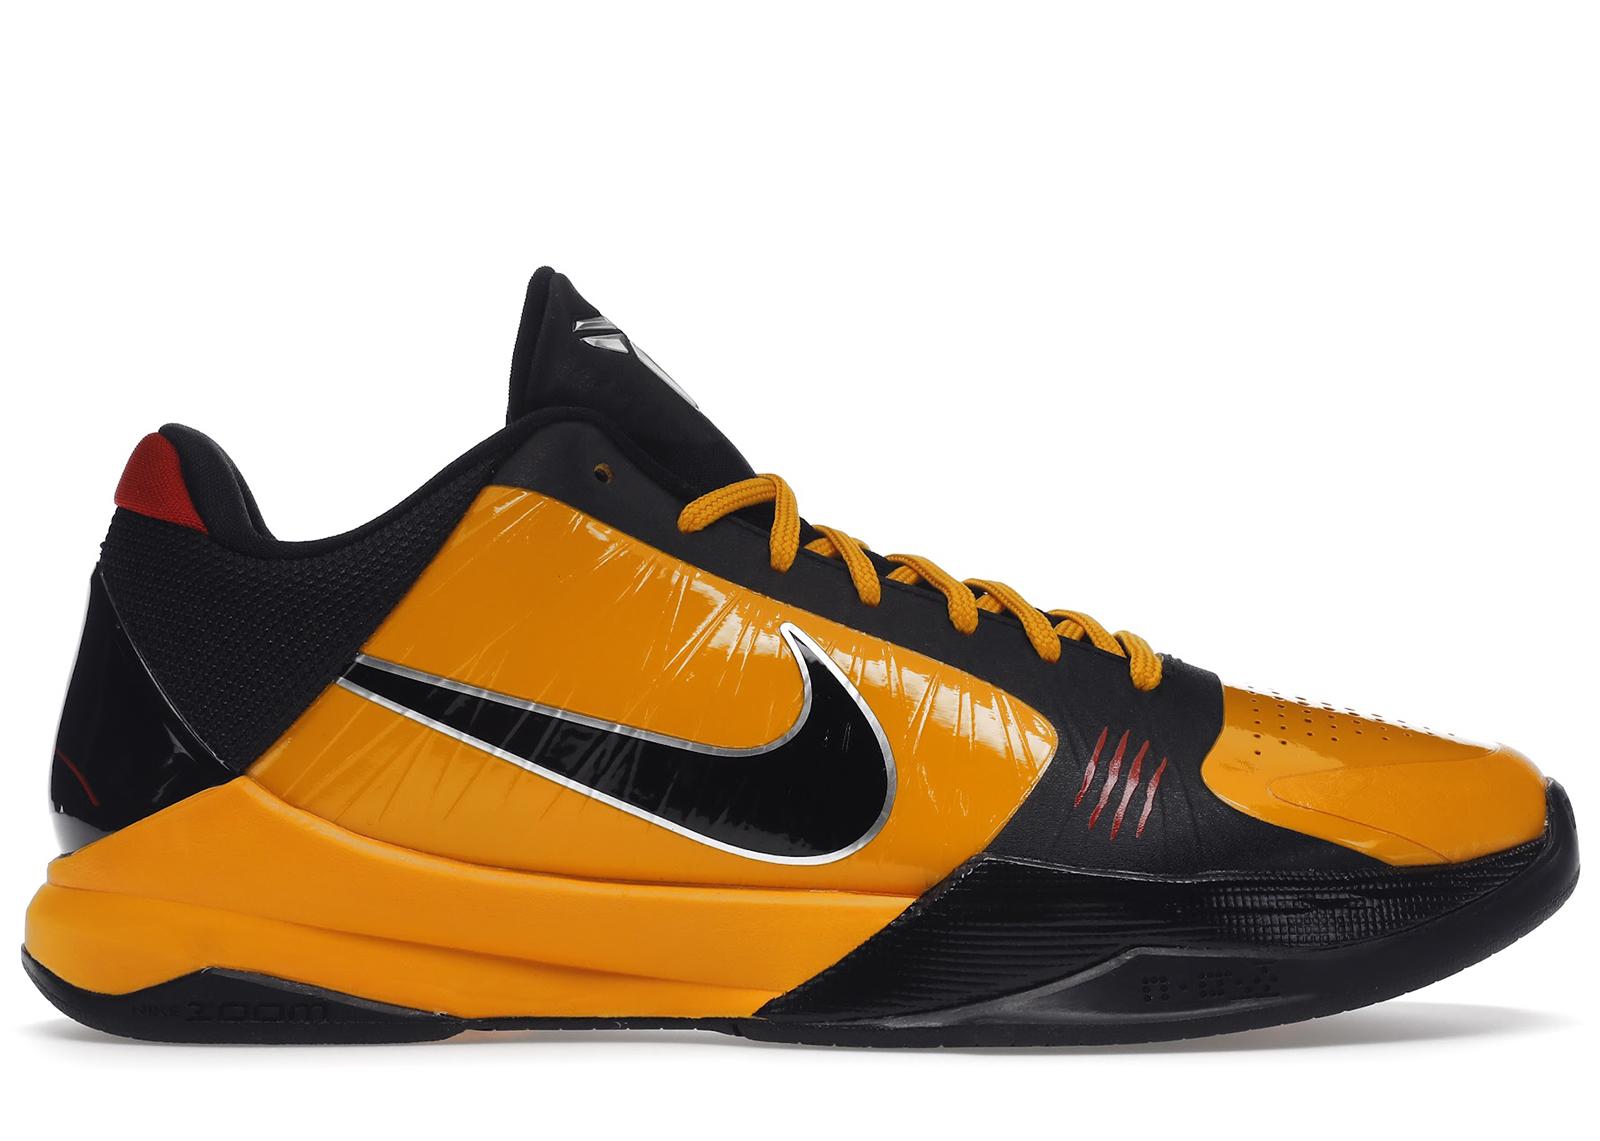 Nike Kobe 5 Protro Bruce Lee - CD4991-700